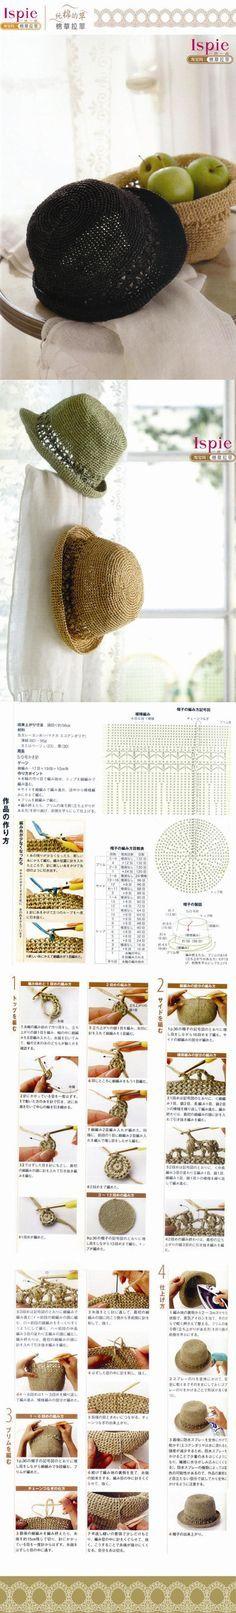 Varios sombreros - la hierba de algodón Rafi (Gráfico Complementario) - Le lucha - Blog lucha de Música